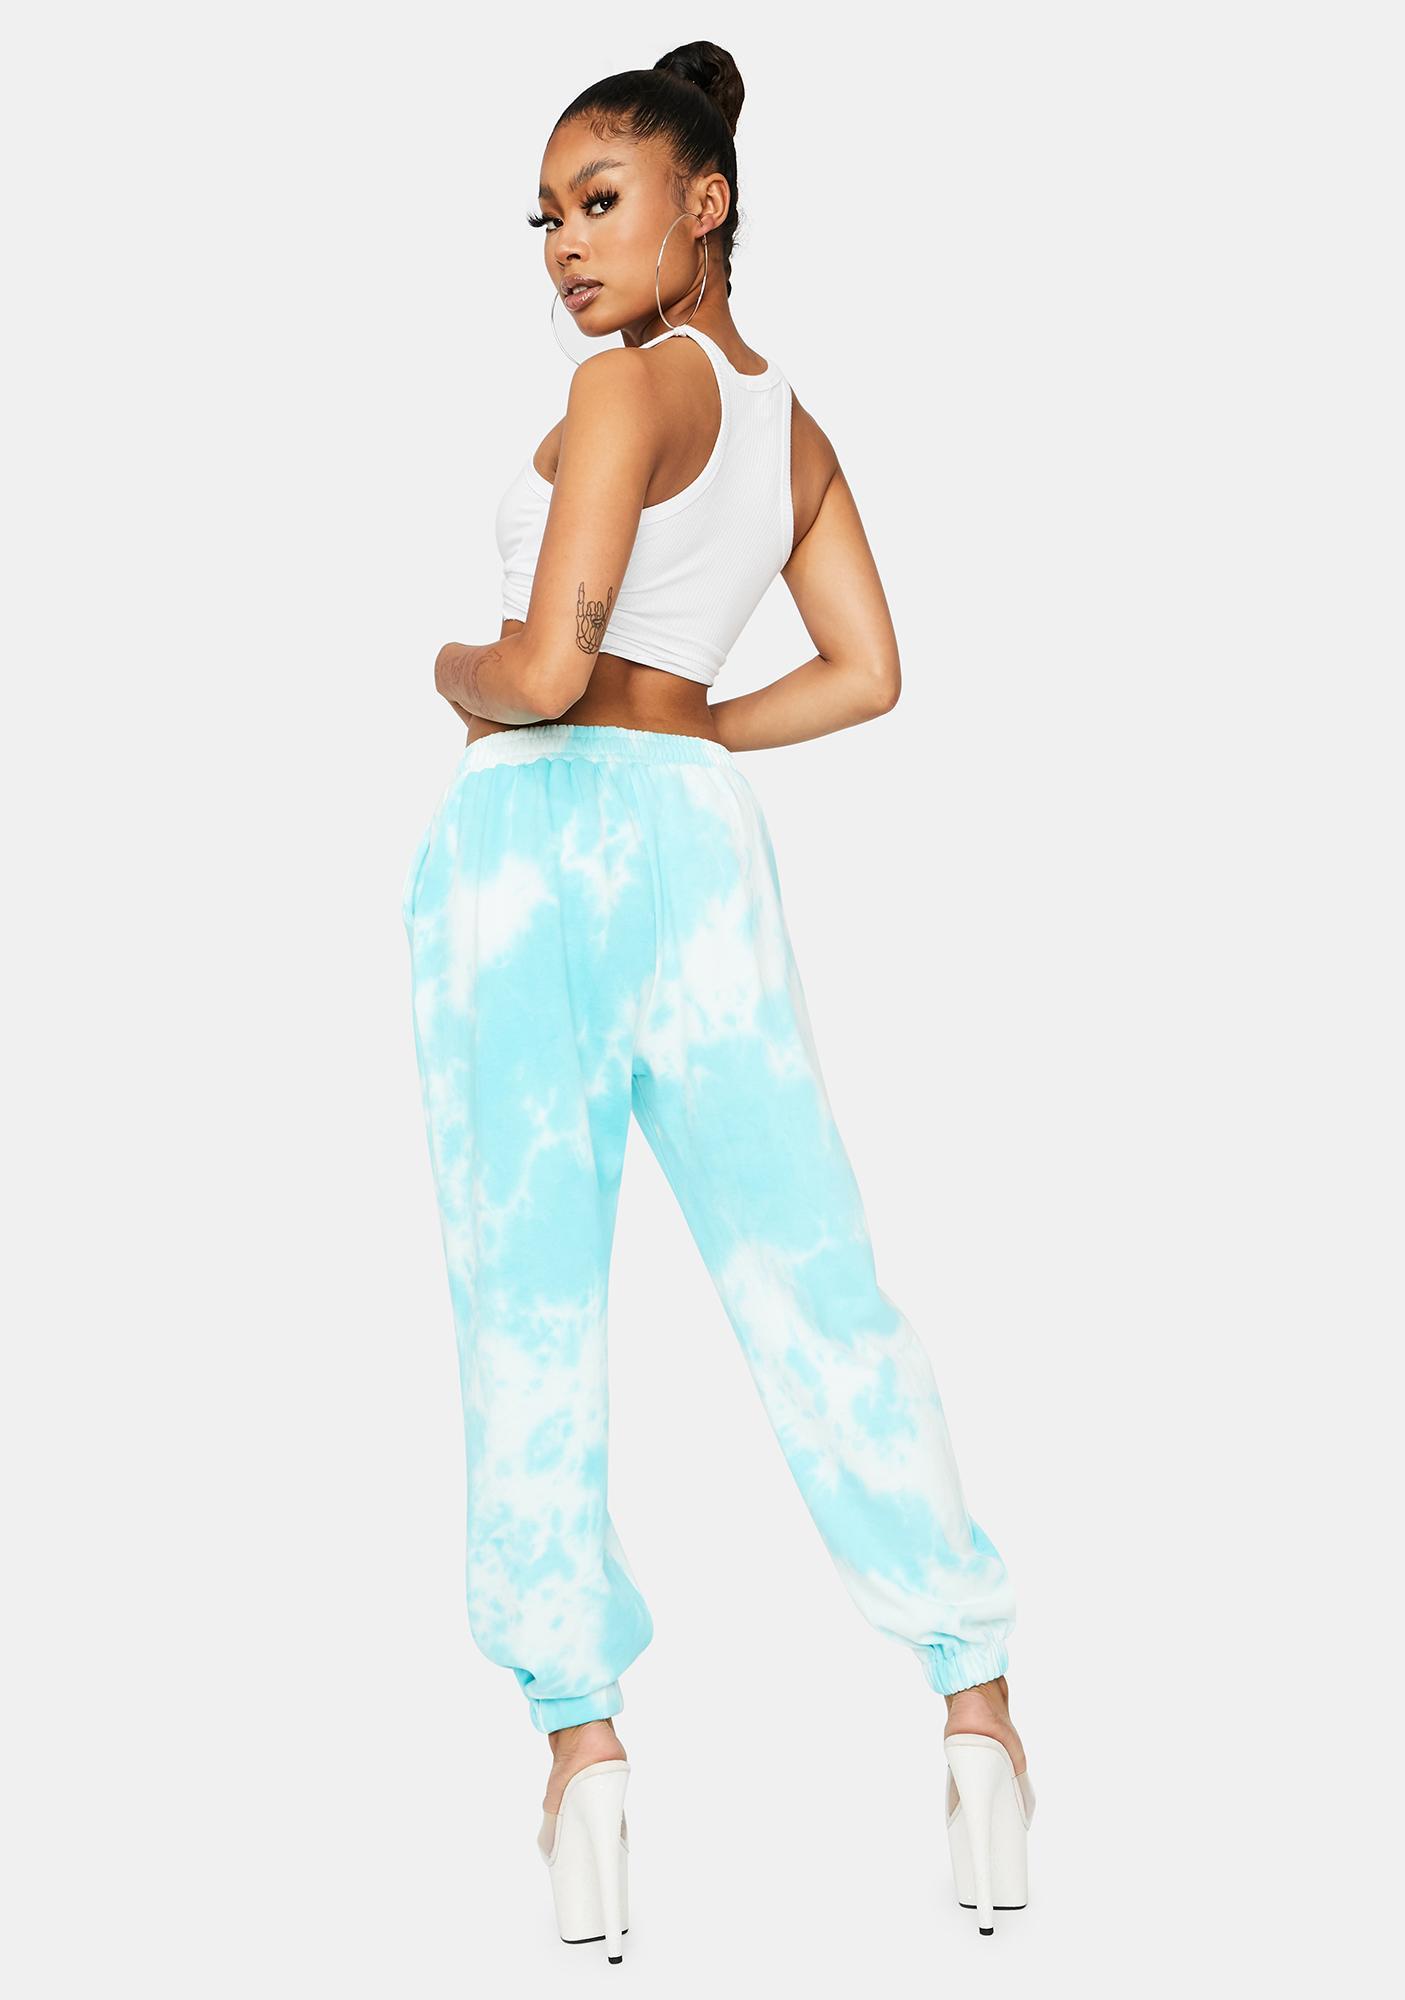 Plush Pleasers Tie Dye Sweatpants